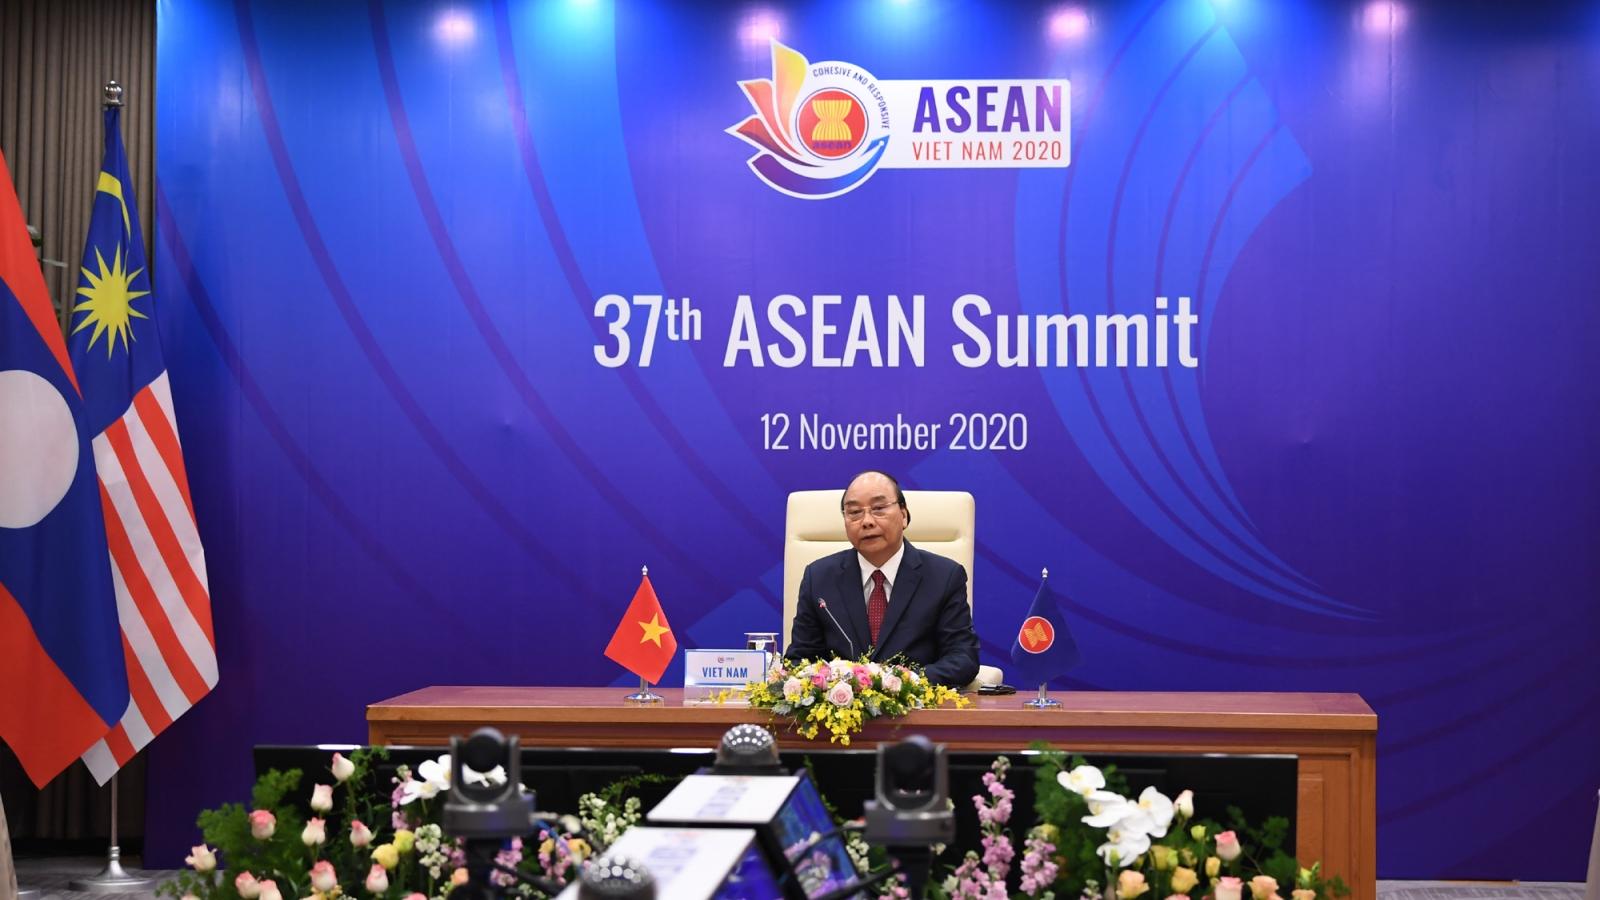 Phiên toàn thể Hội nghị Cấp cao ASEAN 37: Thúc đẩy phục hồi tổng thể thời kỳ hậu Covid-19